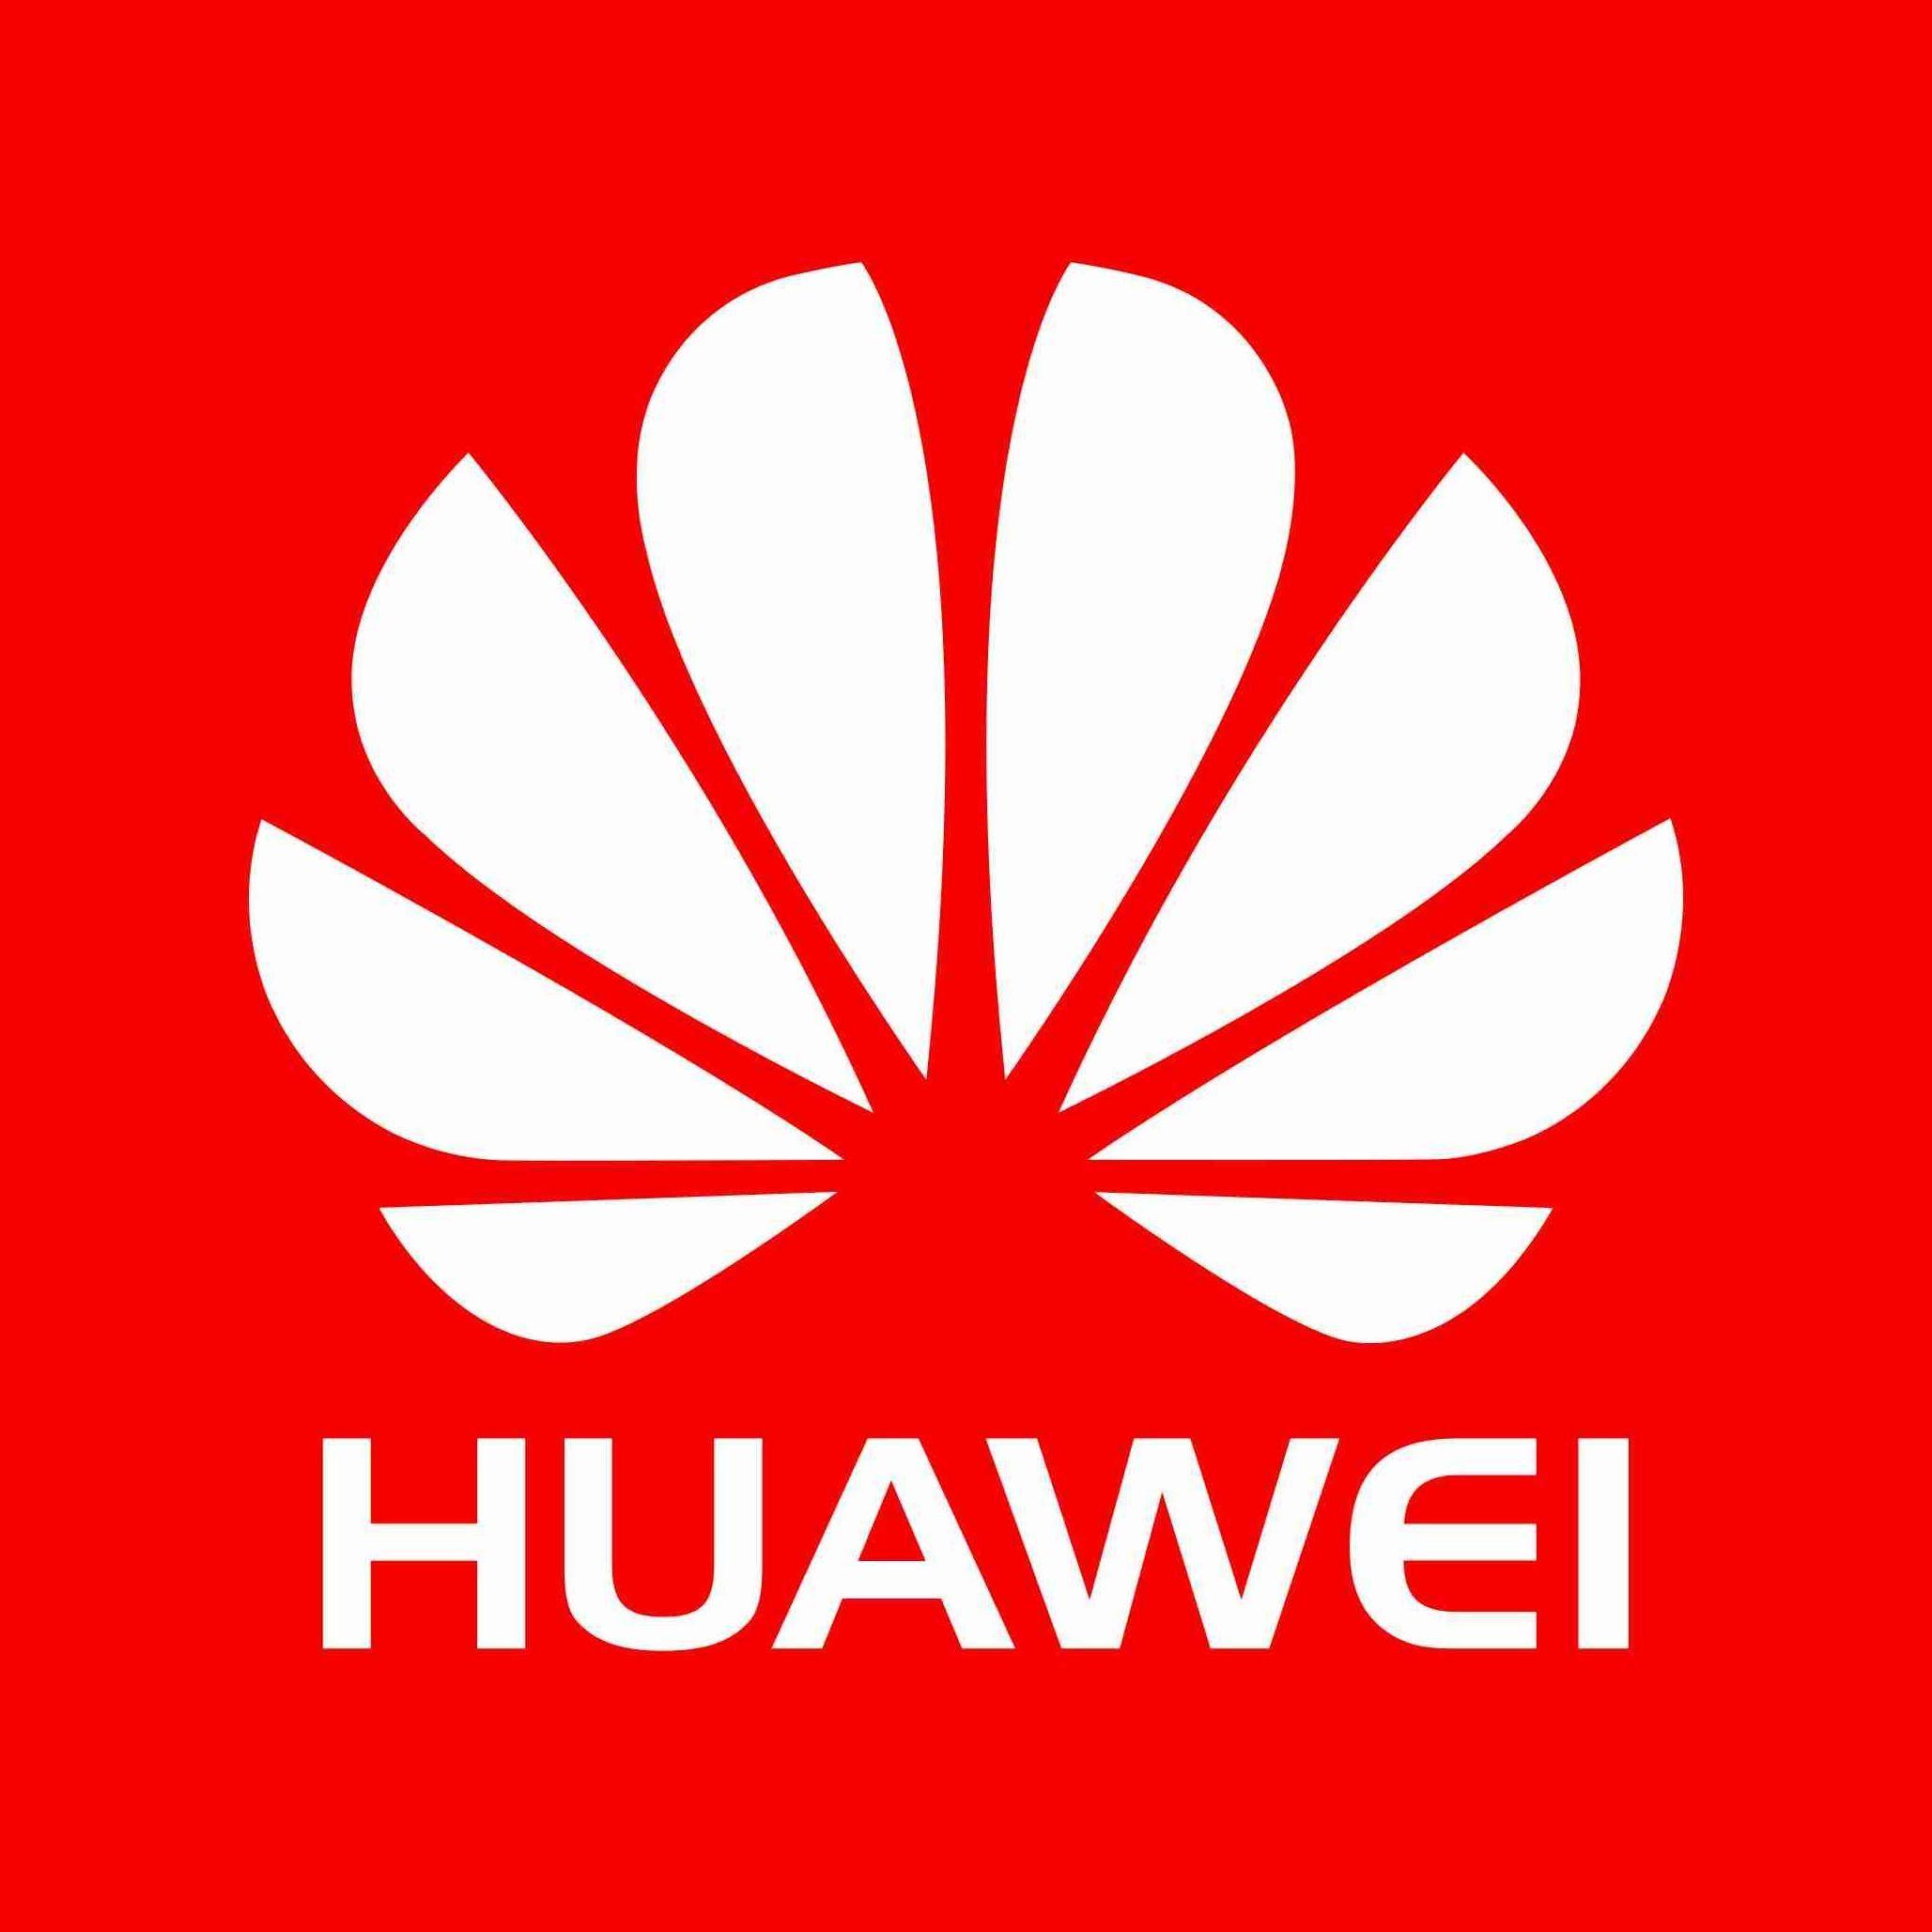 Huawei Poate Incarca Un Iphone 6s In 5 Minute Cu Un Nou Sistem De